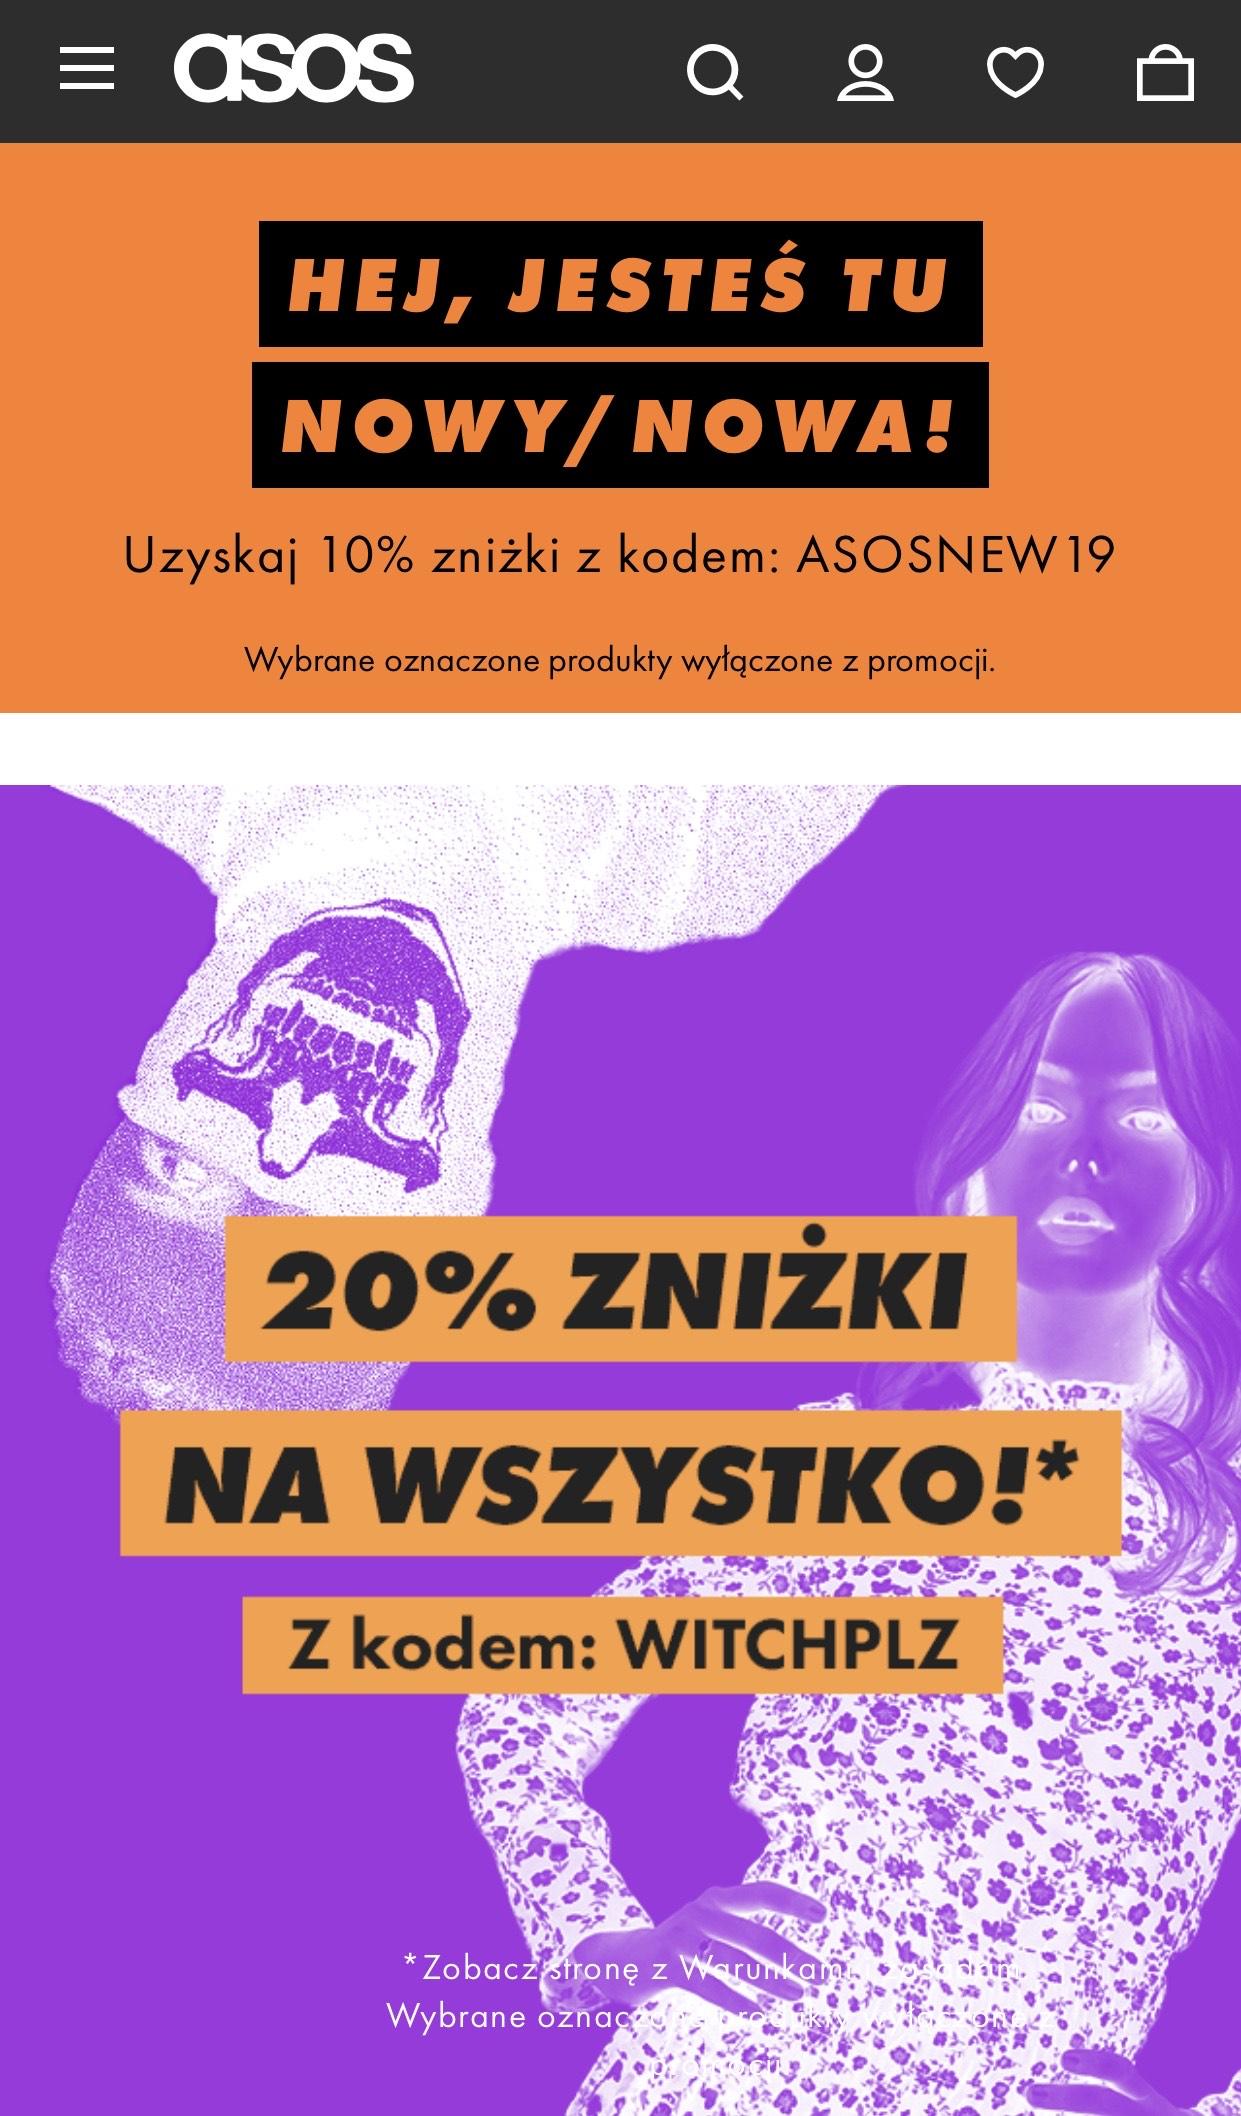 20% ZNIŻKI NA WSZYSTKO w ASOS